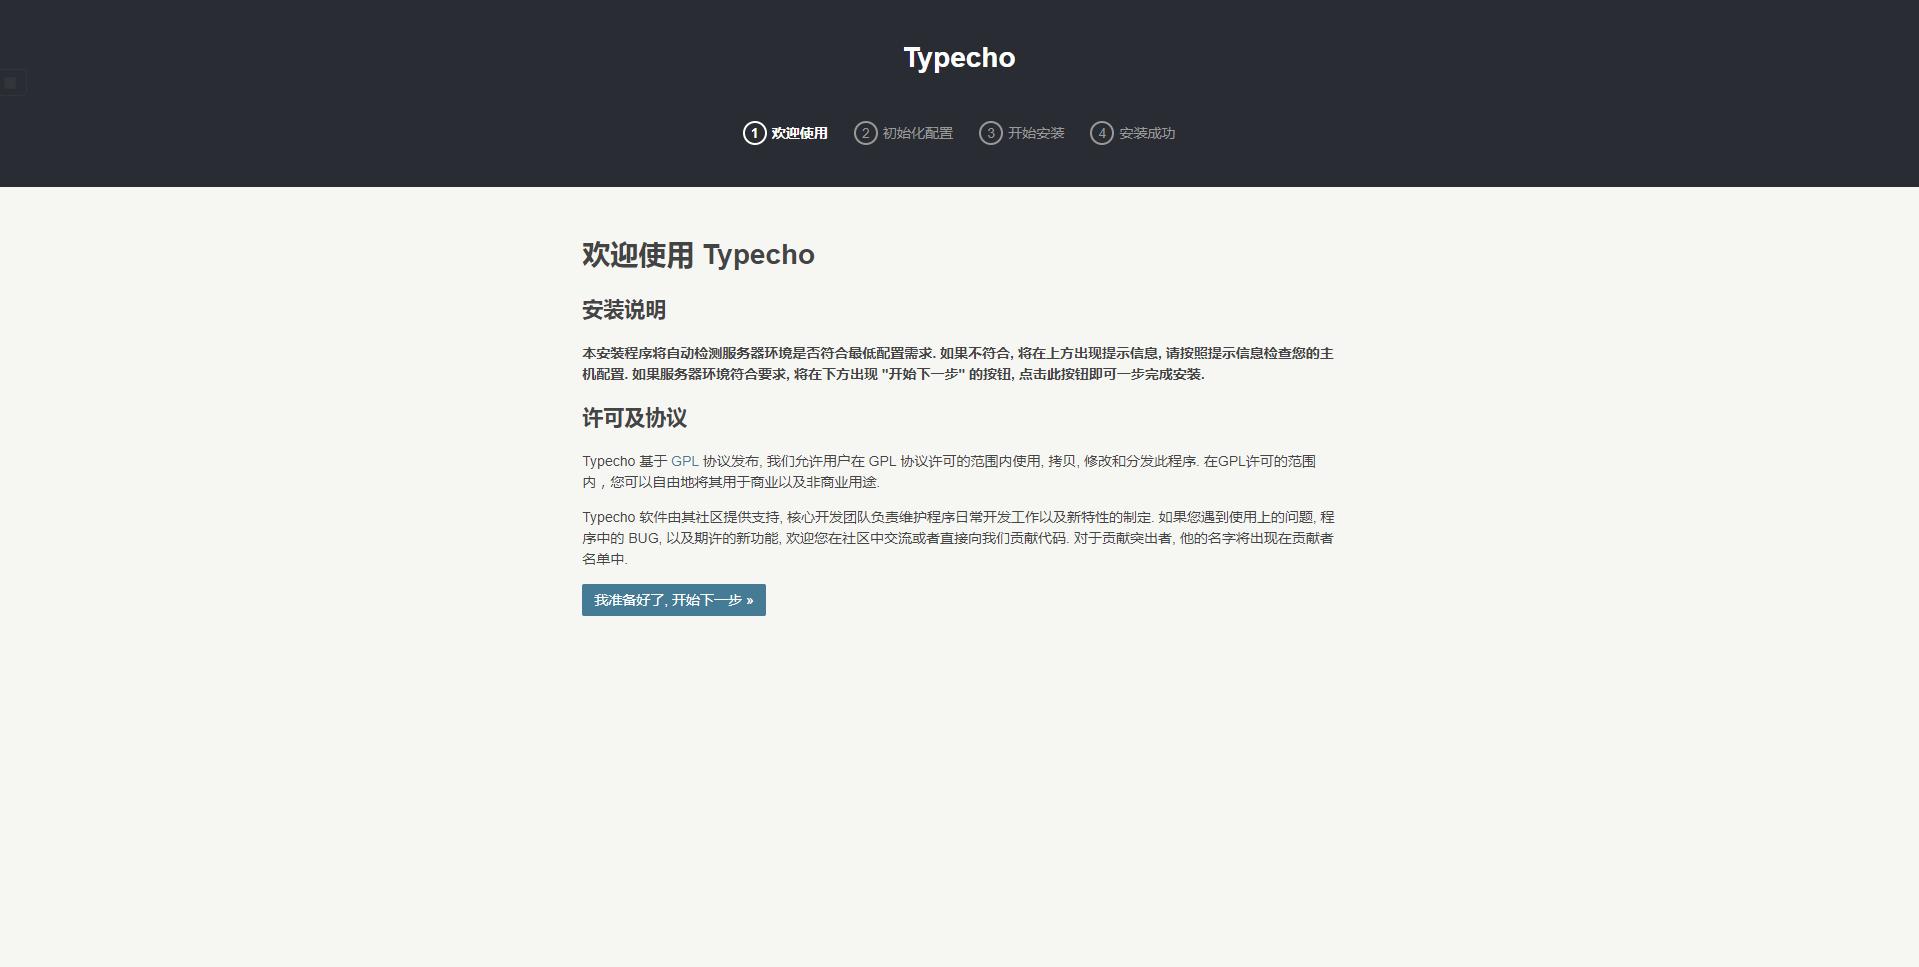 进行Typecho安装